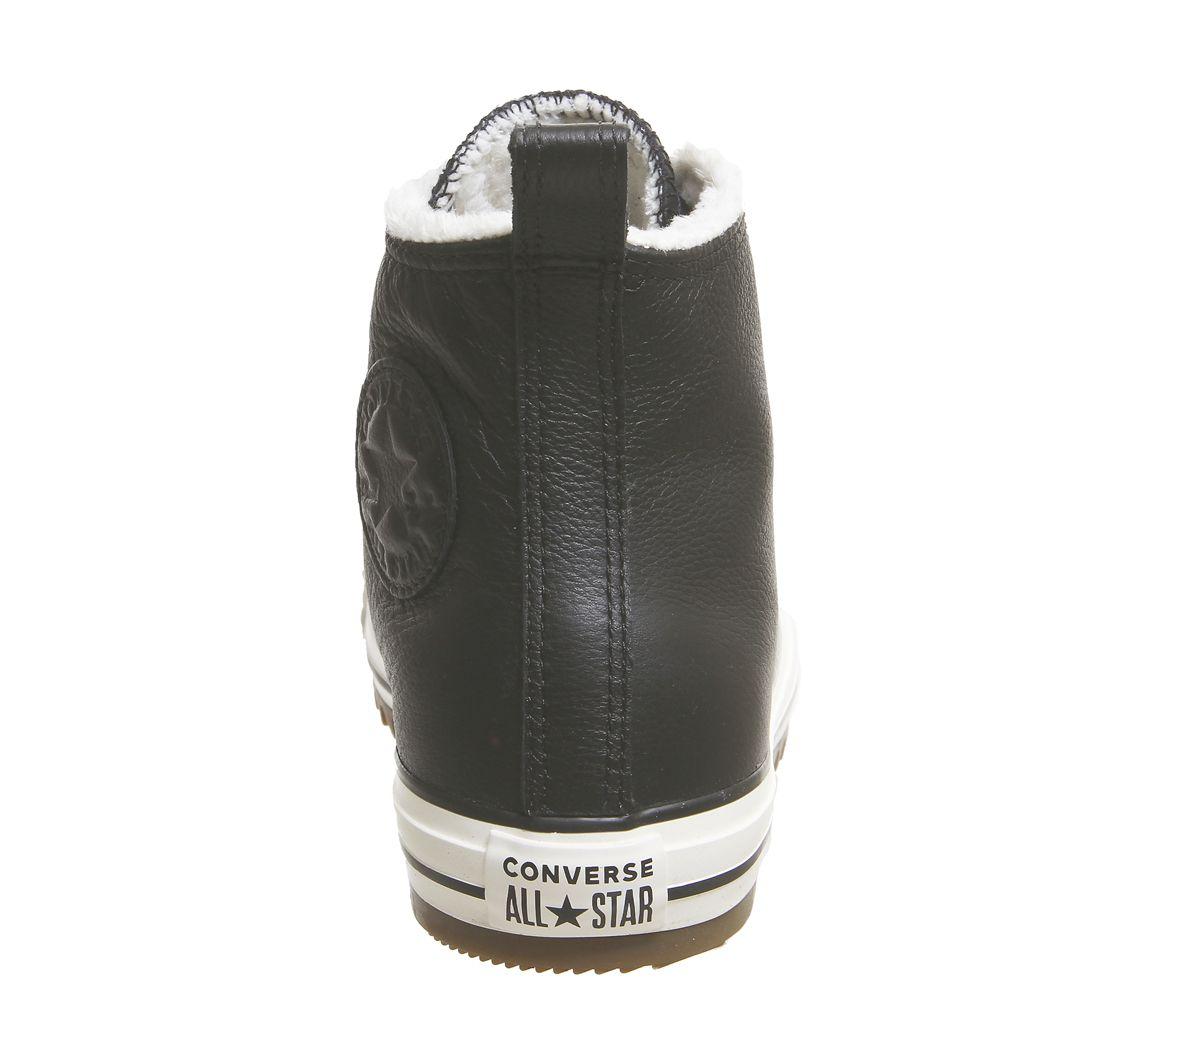 96953a071b9293 Converse Ctas Hiker Boots Hi Black Egret Gum - Hers trainers